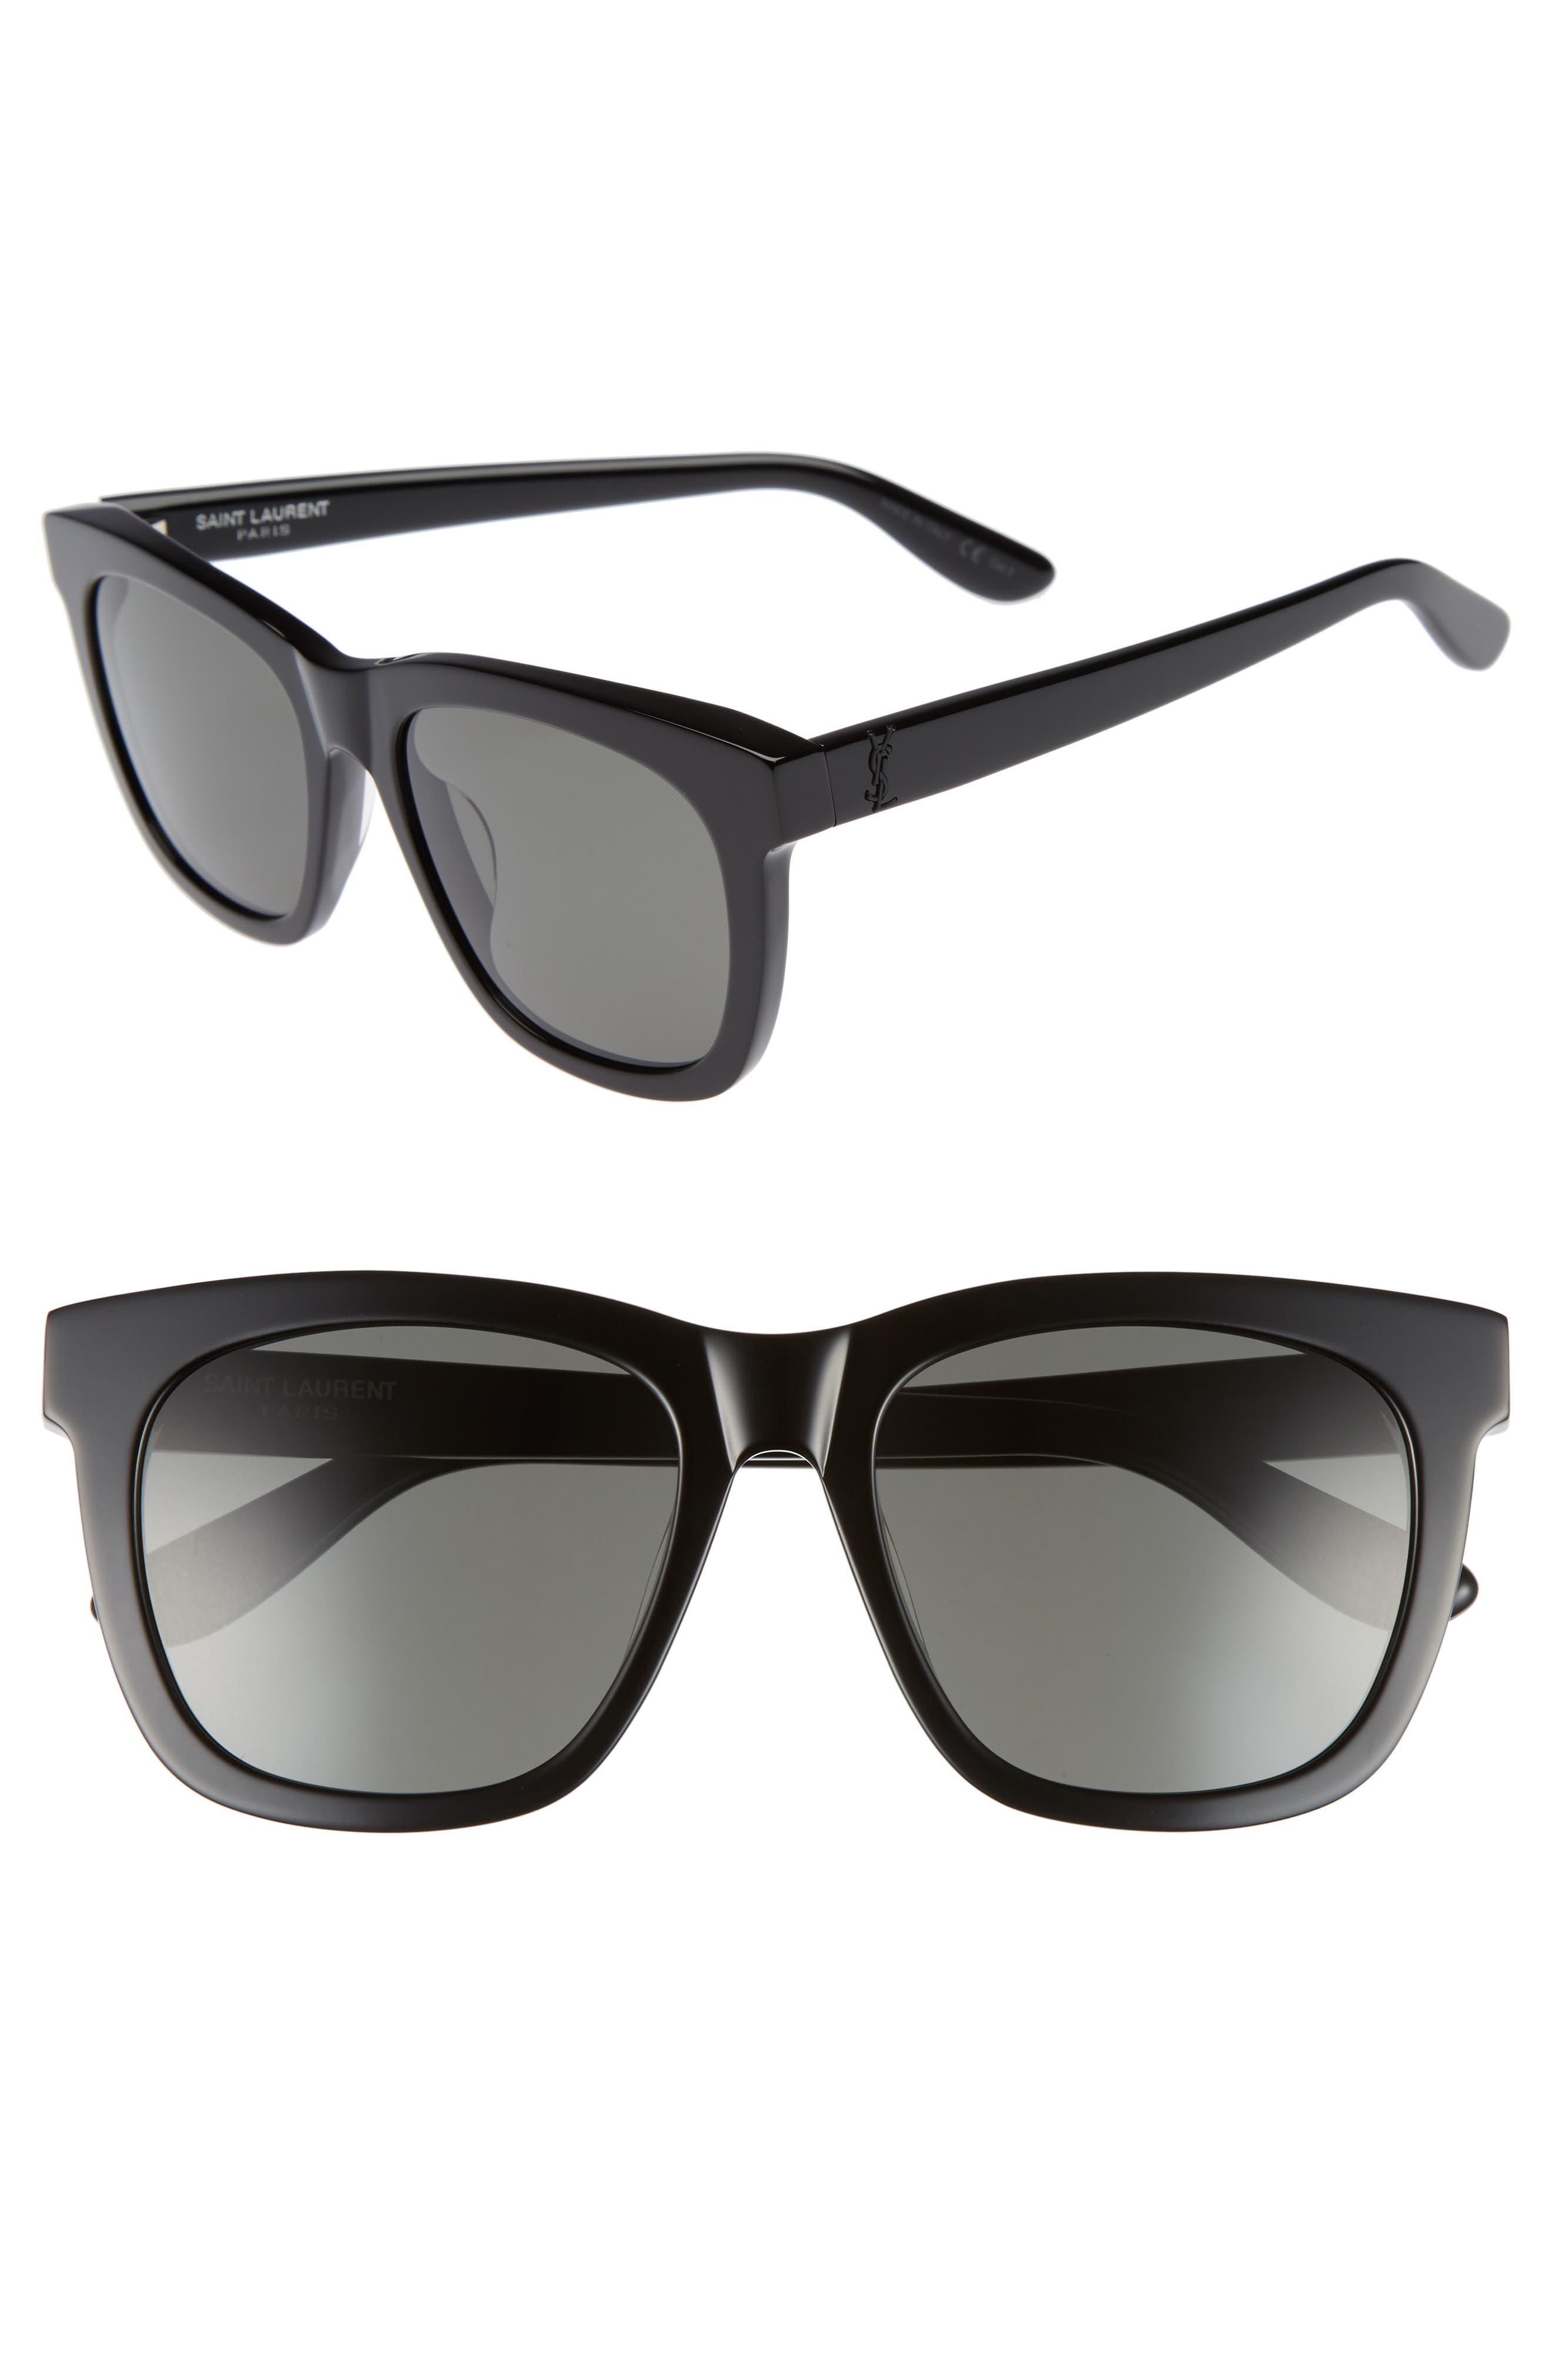 SAINT LAURENT 55mm Sunglasses, Main, color, BLACK